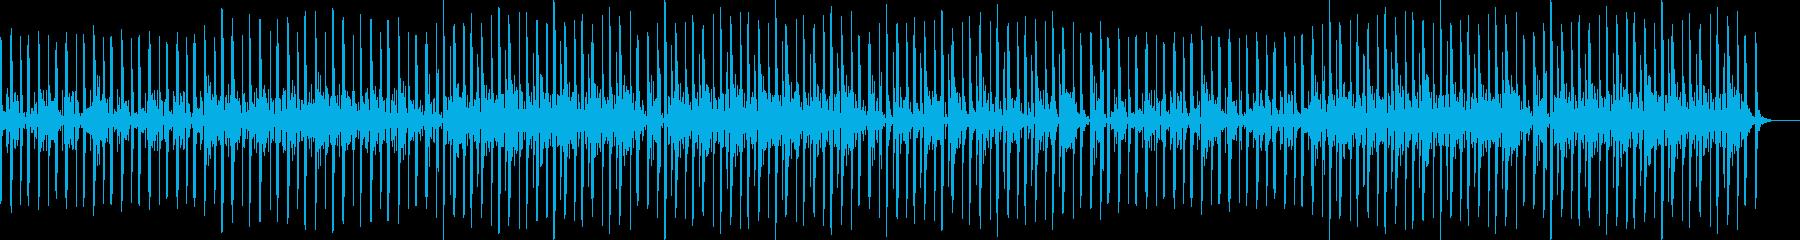 VP・トーク・シンプルなシンセが暖かいの再生済みの波形